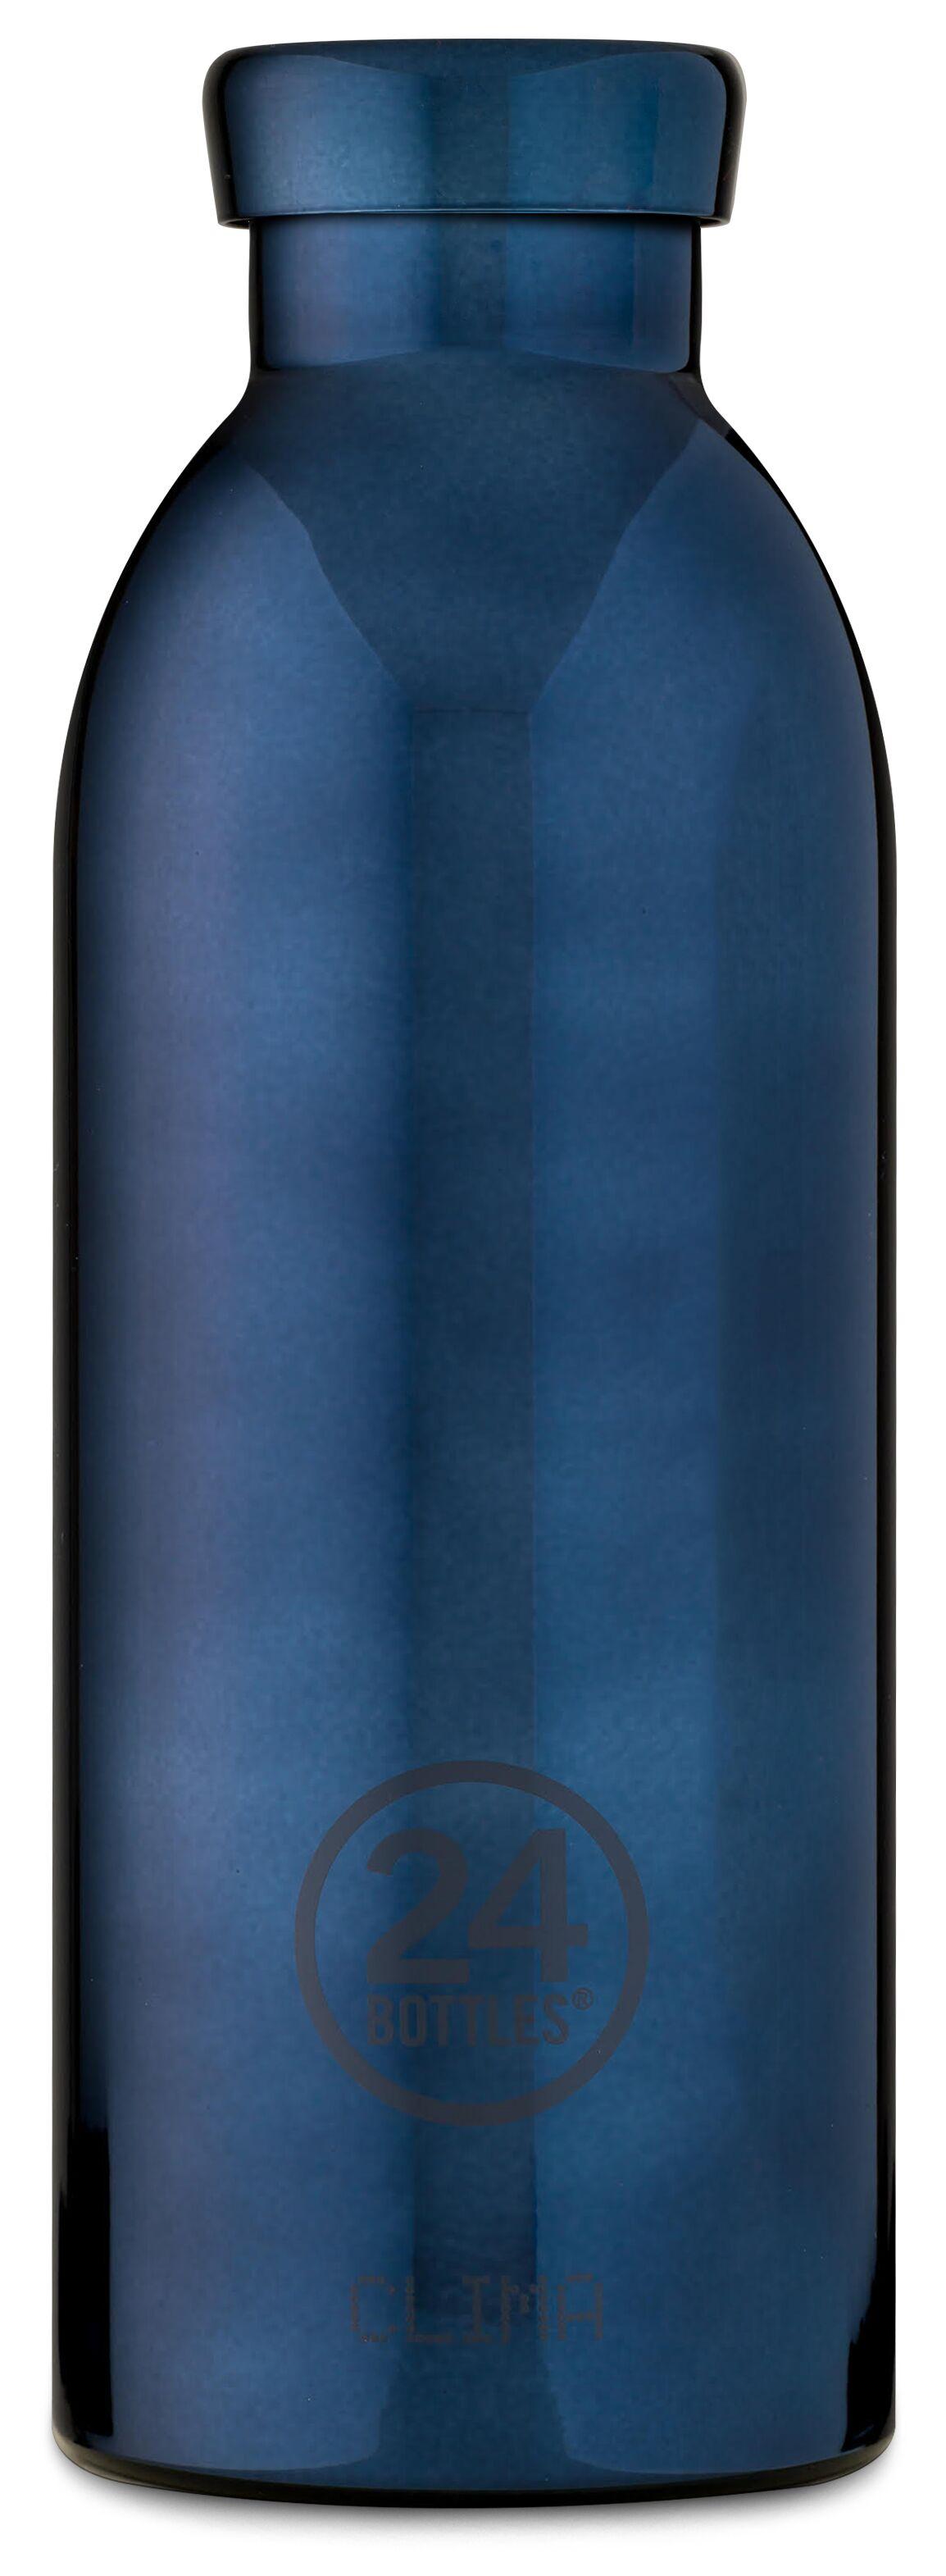 24 Bottles - Clima Bottle 0,5 L - Black Radiance (24B163)